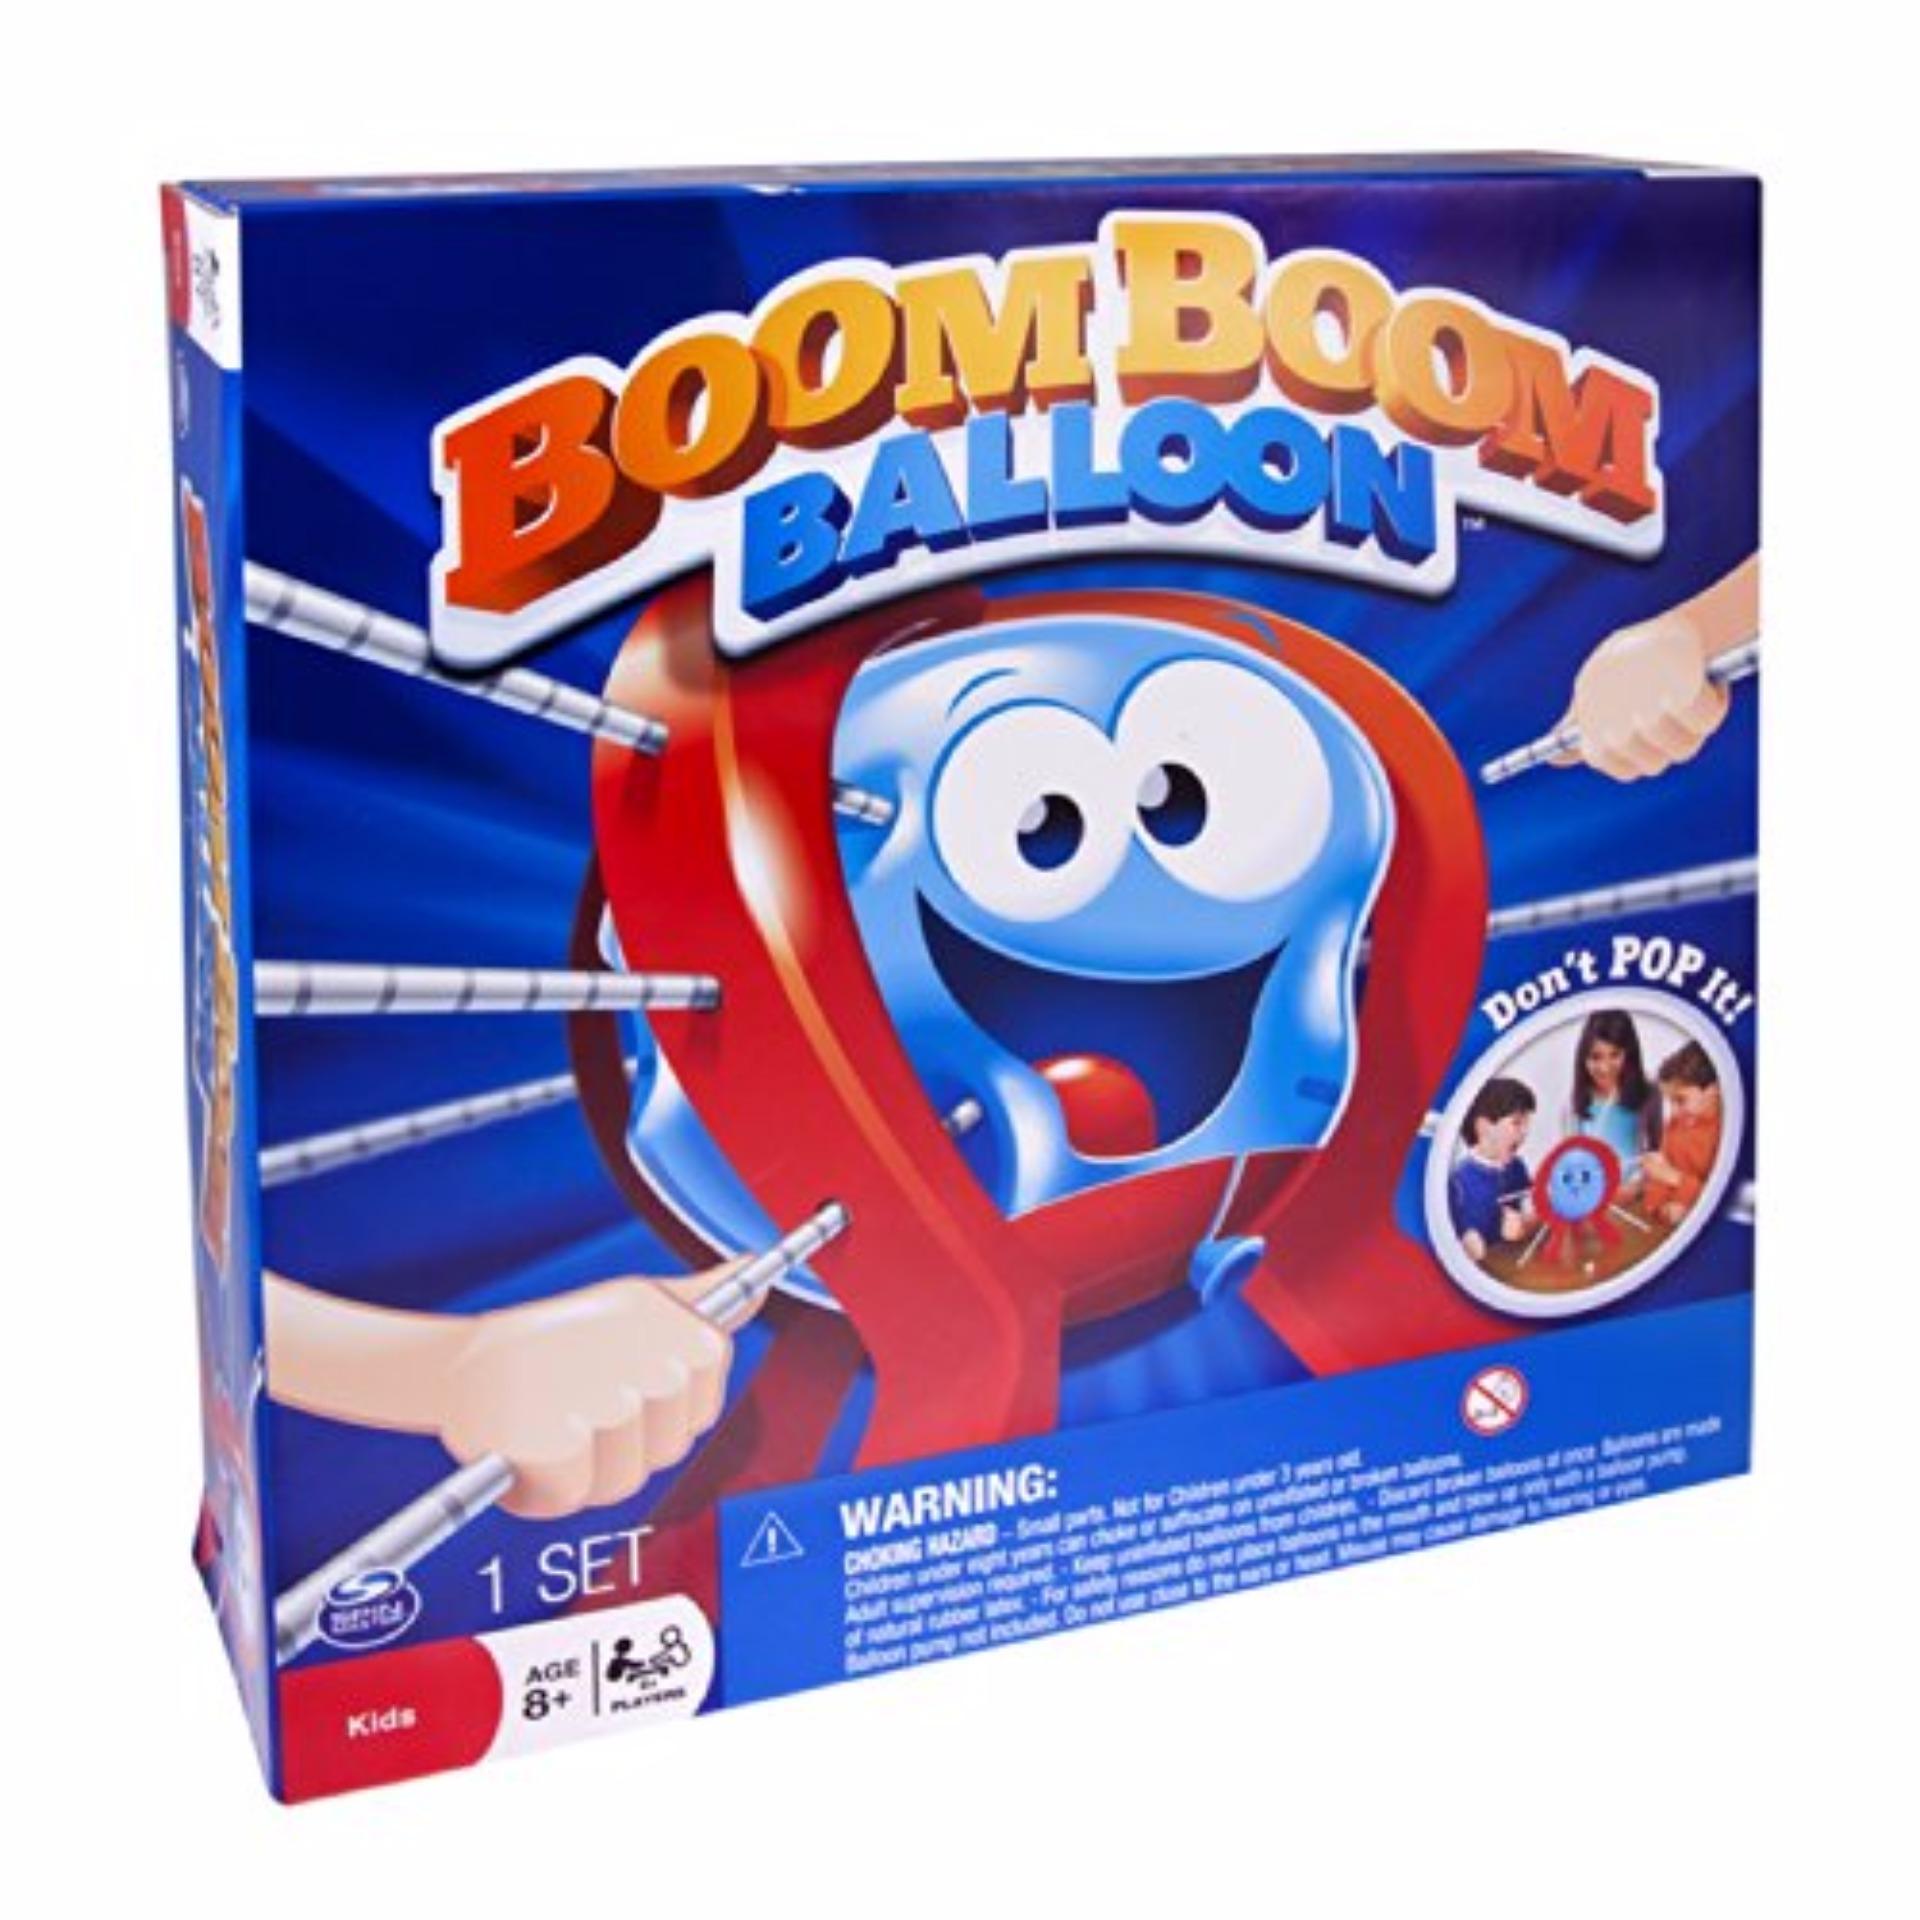 Beli Mainan Edukatif Melatih Motorik Anak Boom Boom Balloon Pakai Kartu Kredit